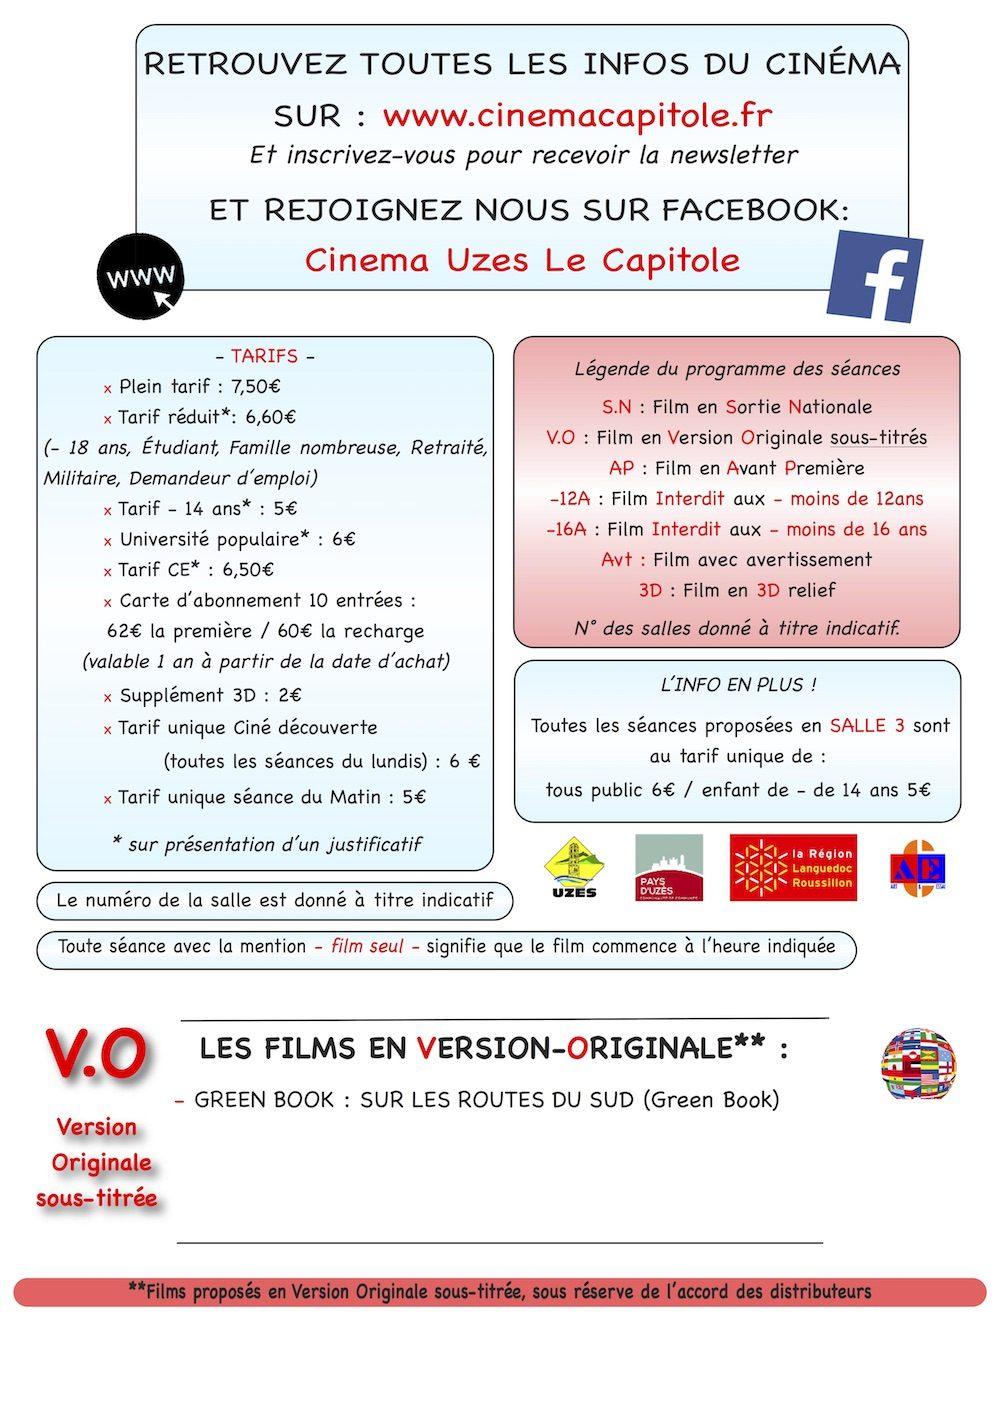 Punaise De Lit Kinepolis Luxe Cinema Le Capitole Uz¨s